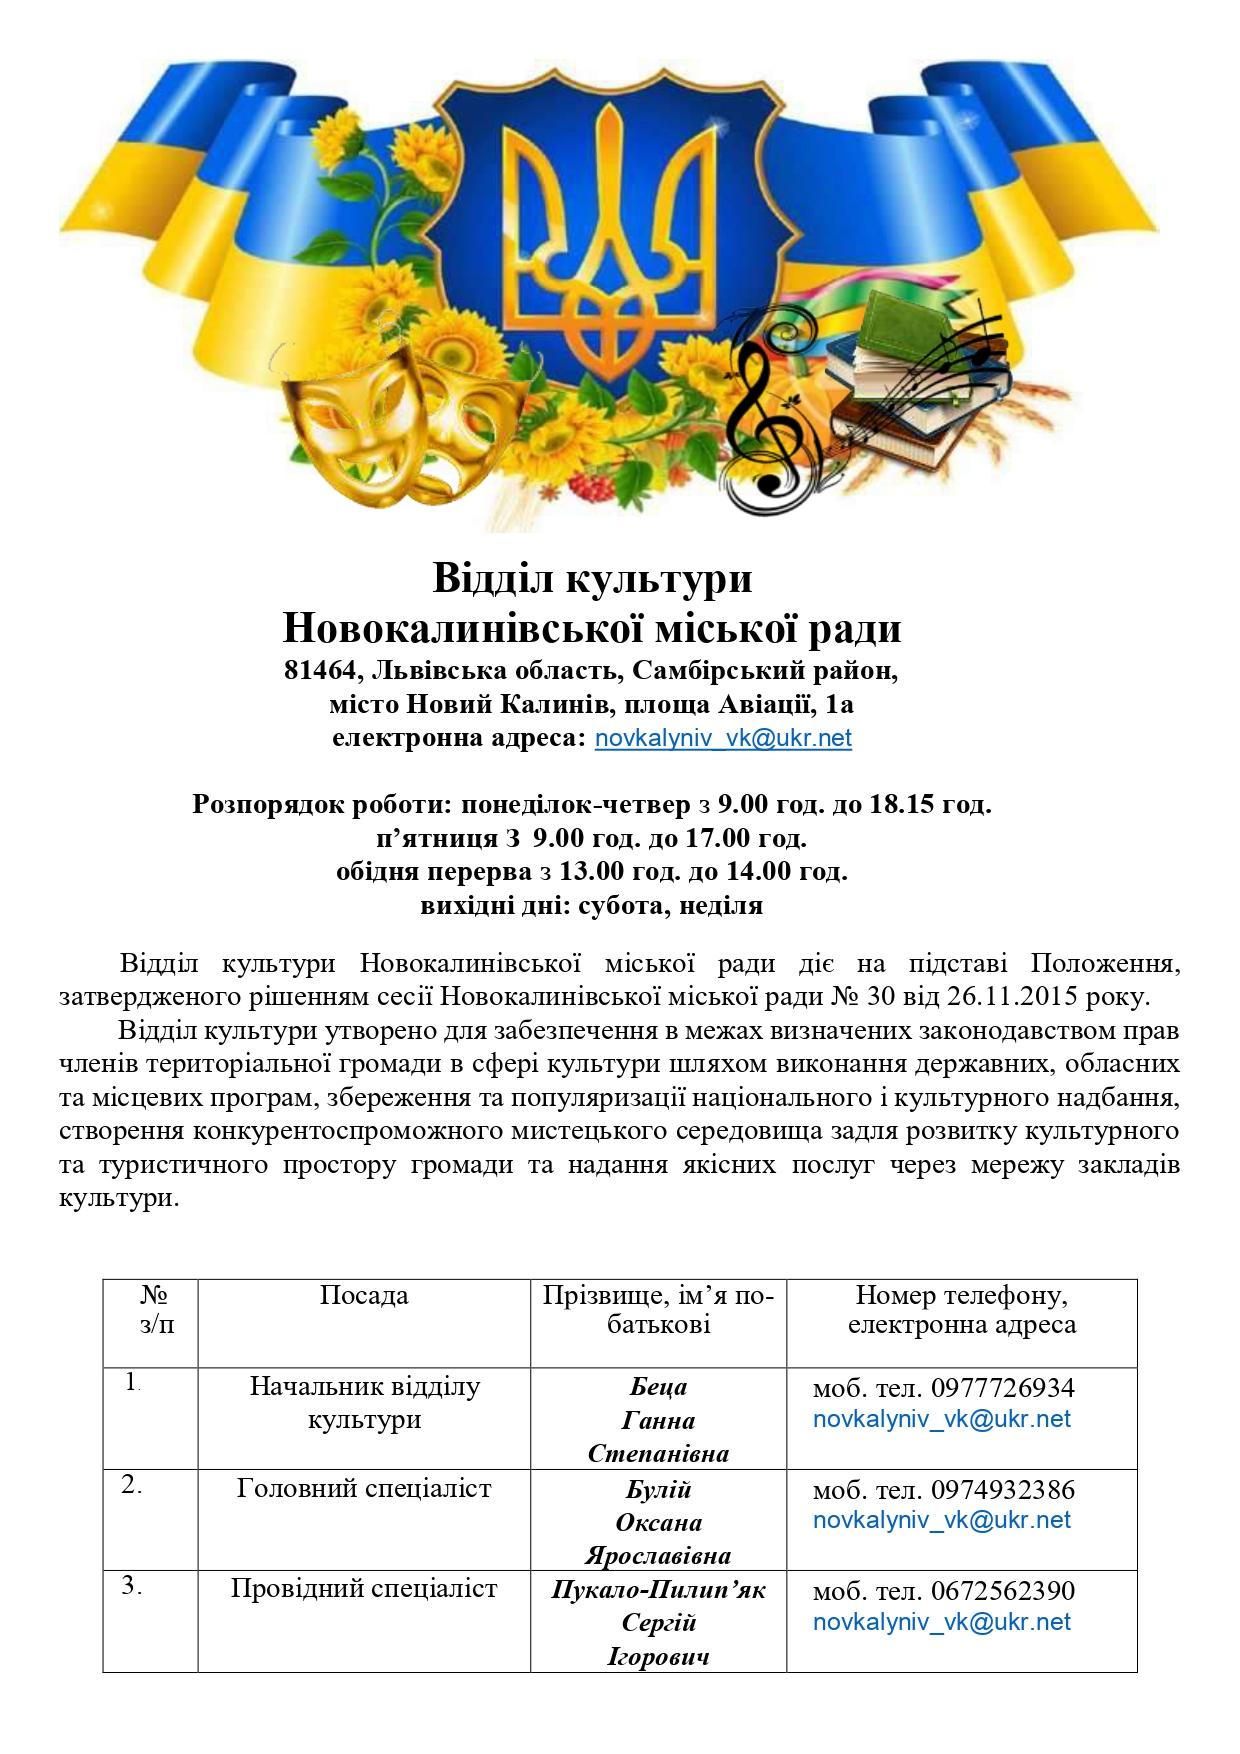 відділ культури Новокалинівської міської ради